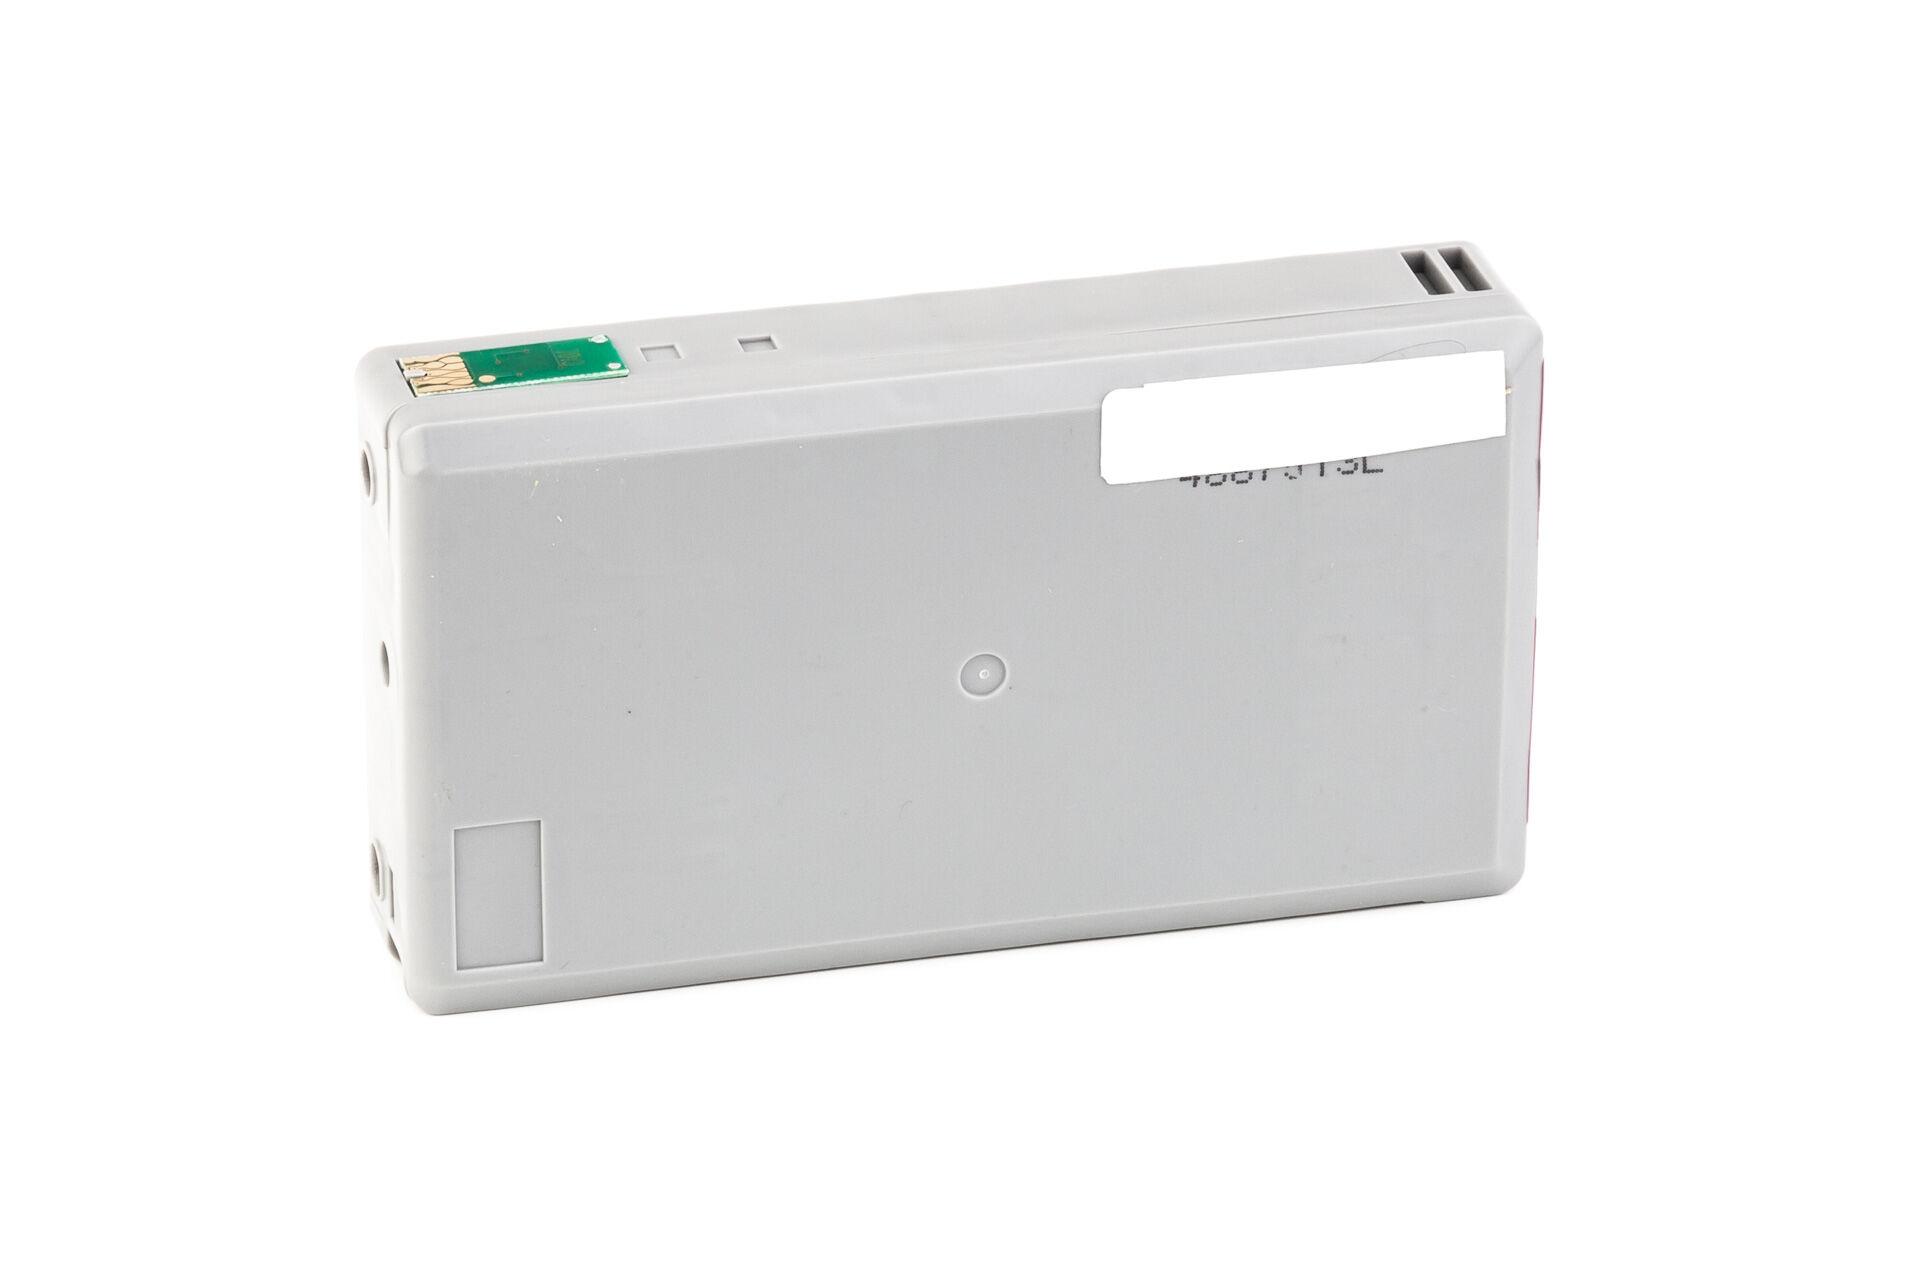 Epson Cartouche d'encre pour Epson C13T70134010 / T7013 magenta compatible (de marque ASC)